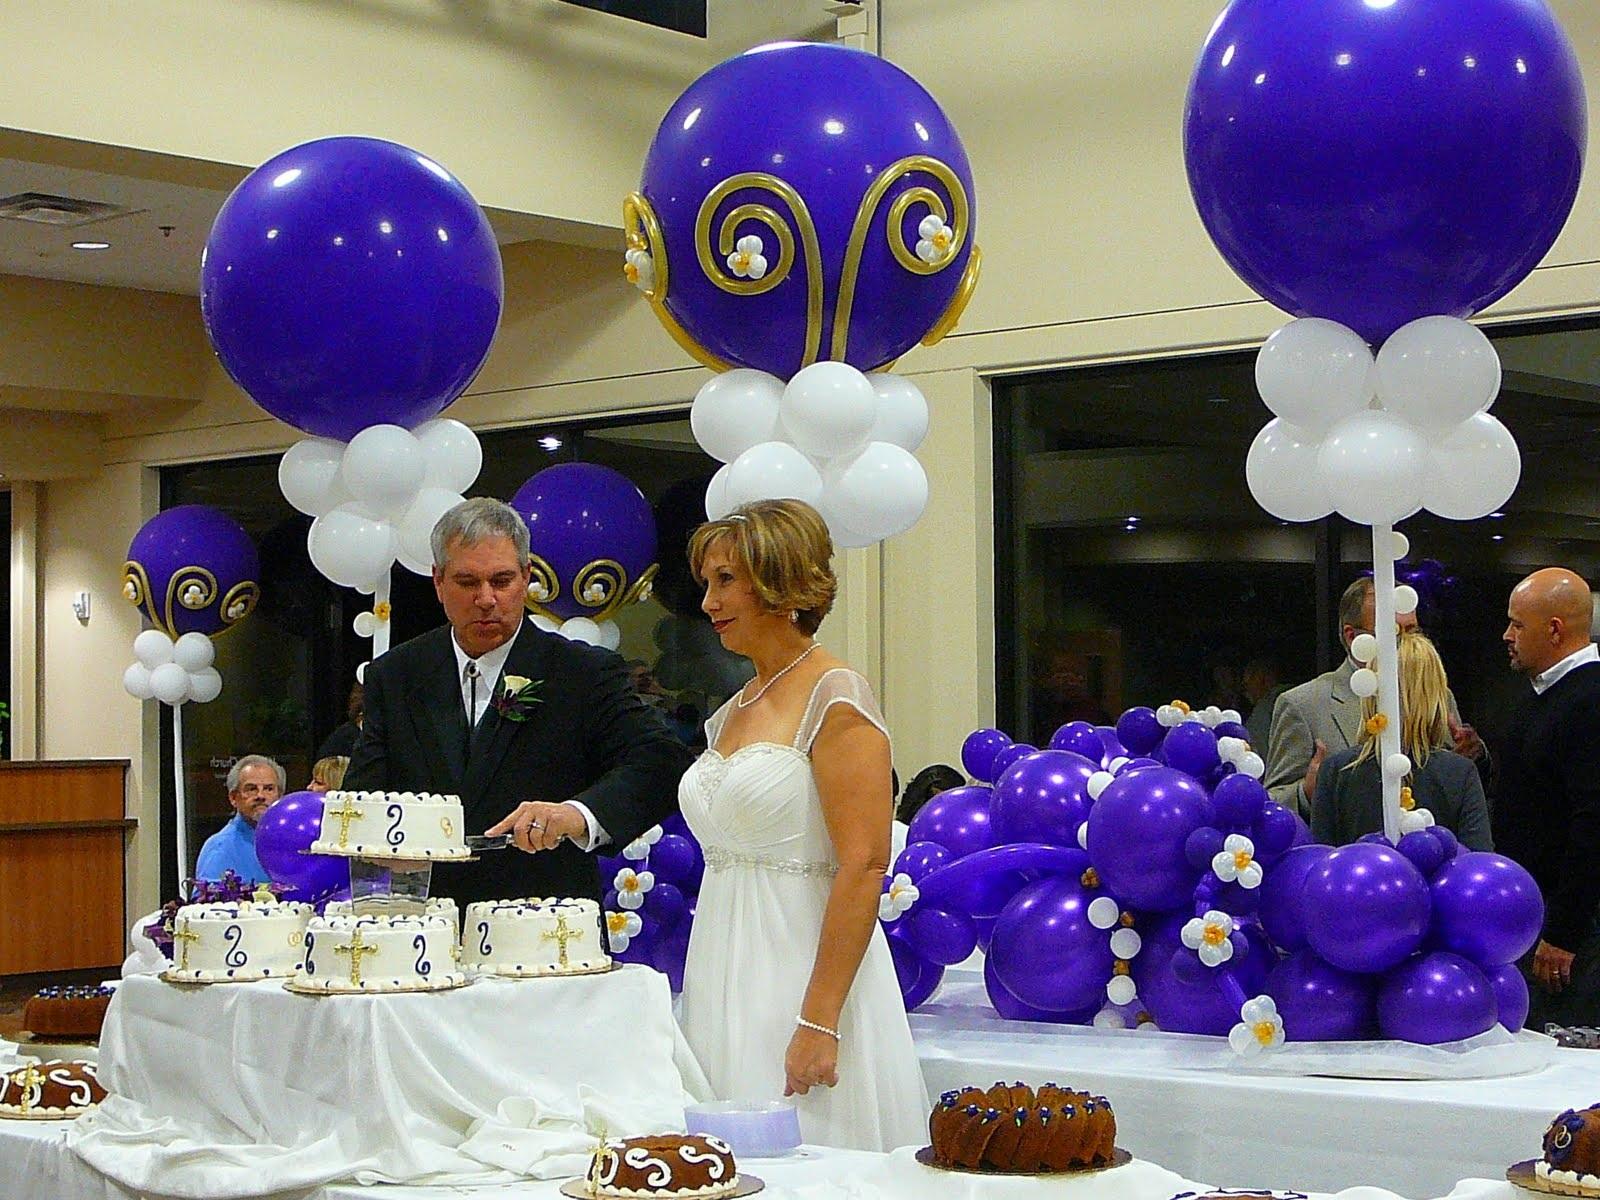 Balloon Designs Pictures: Balloon Decor